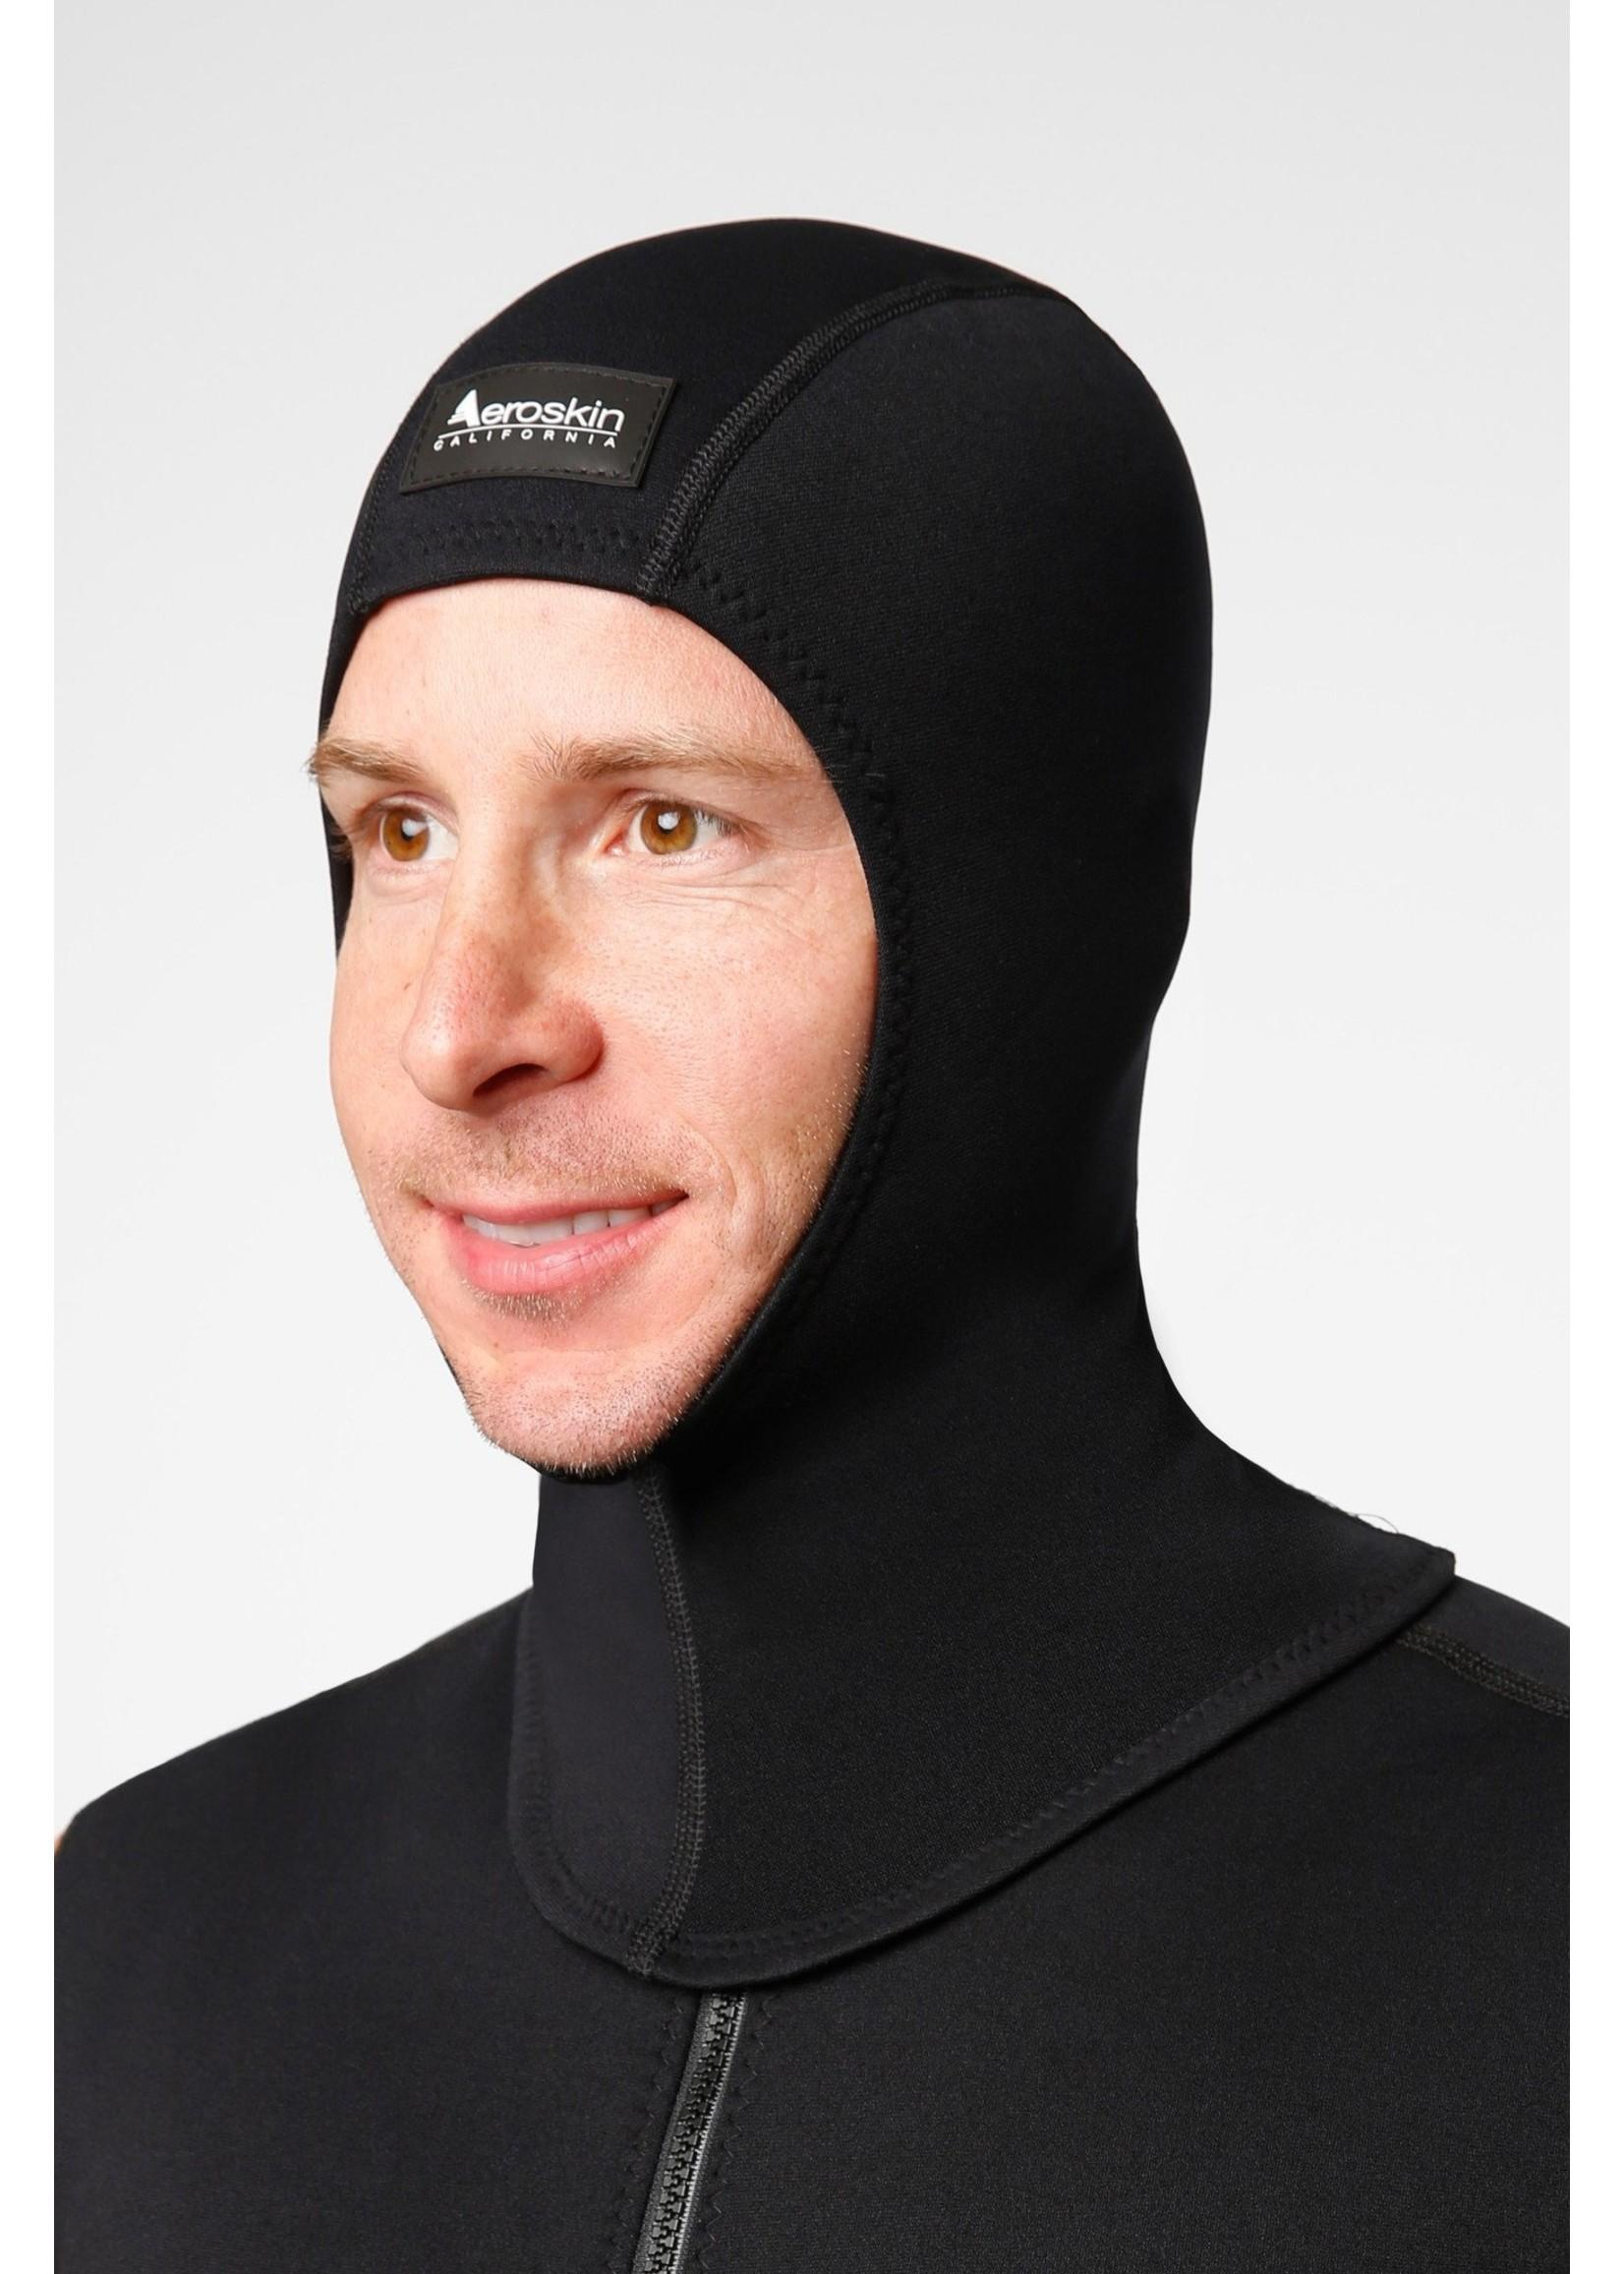 Aeroskin Aero hood - 1mm